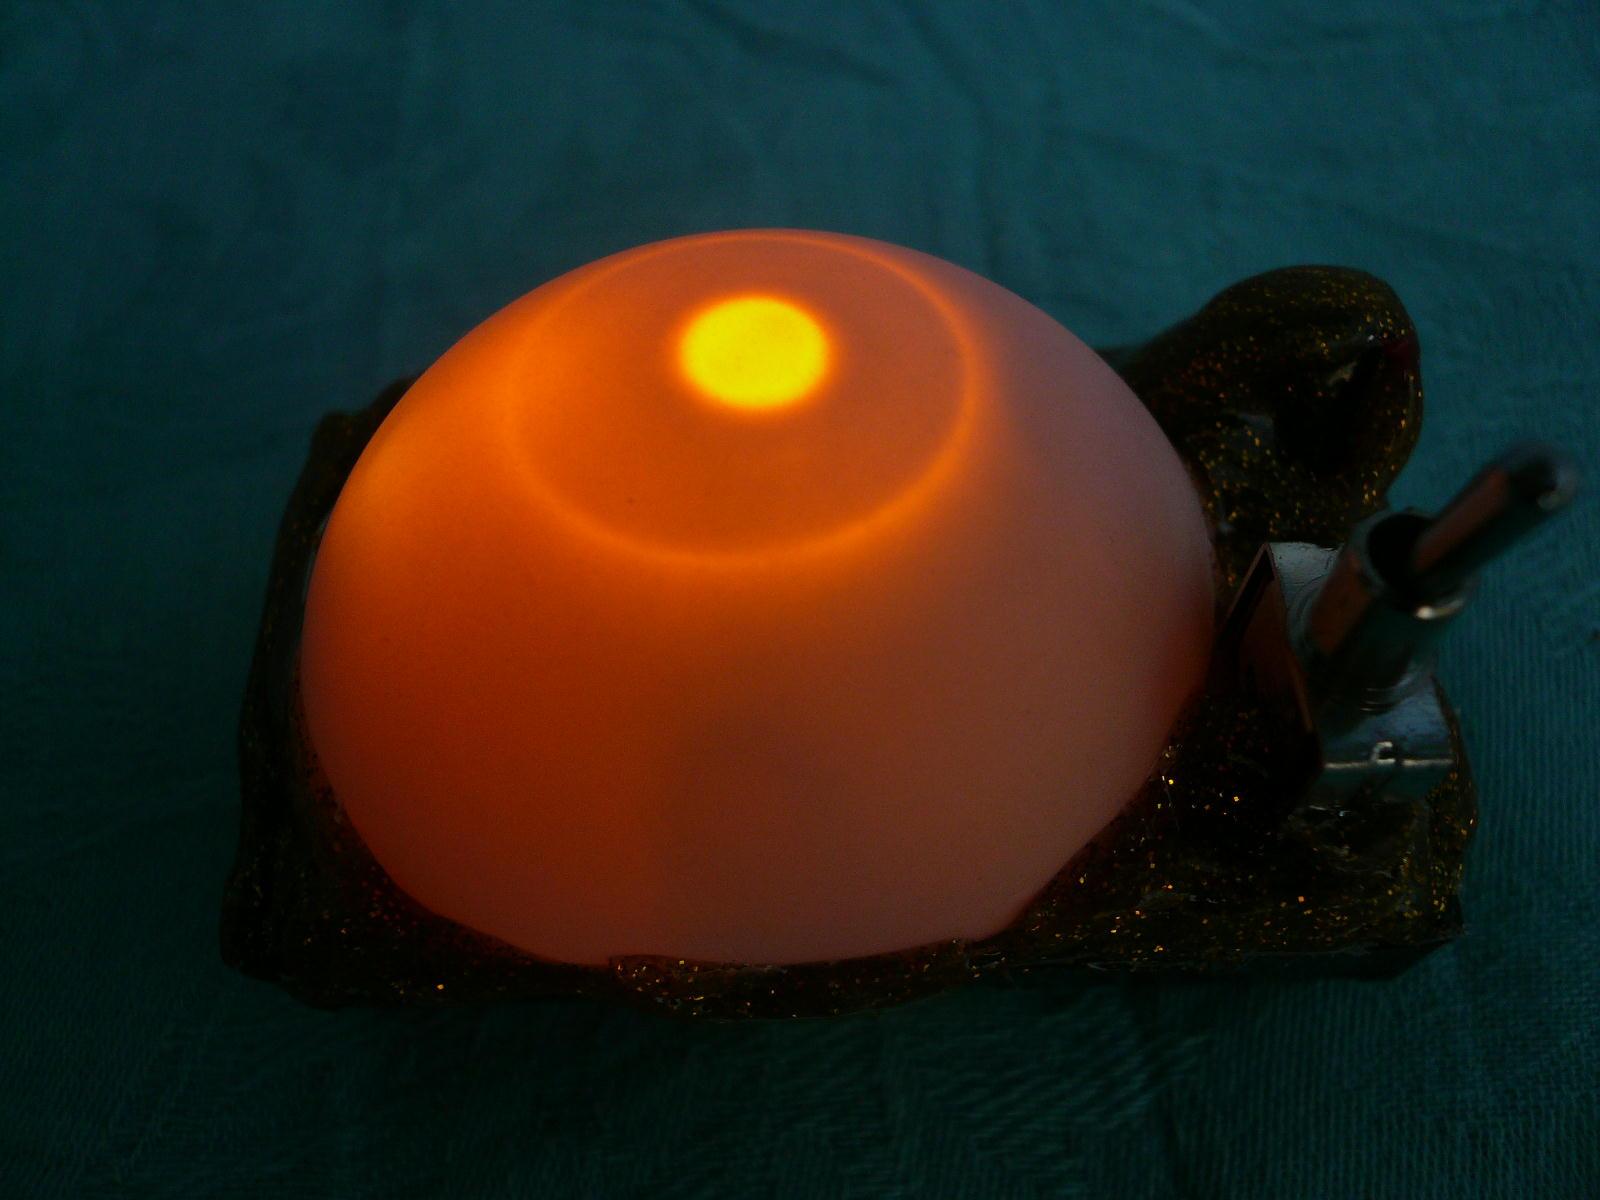 『かぐや姫の瞳A』(竹灯籠用)電子ローソク単体